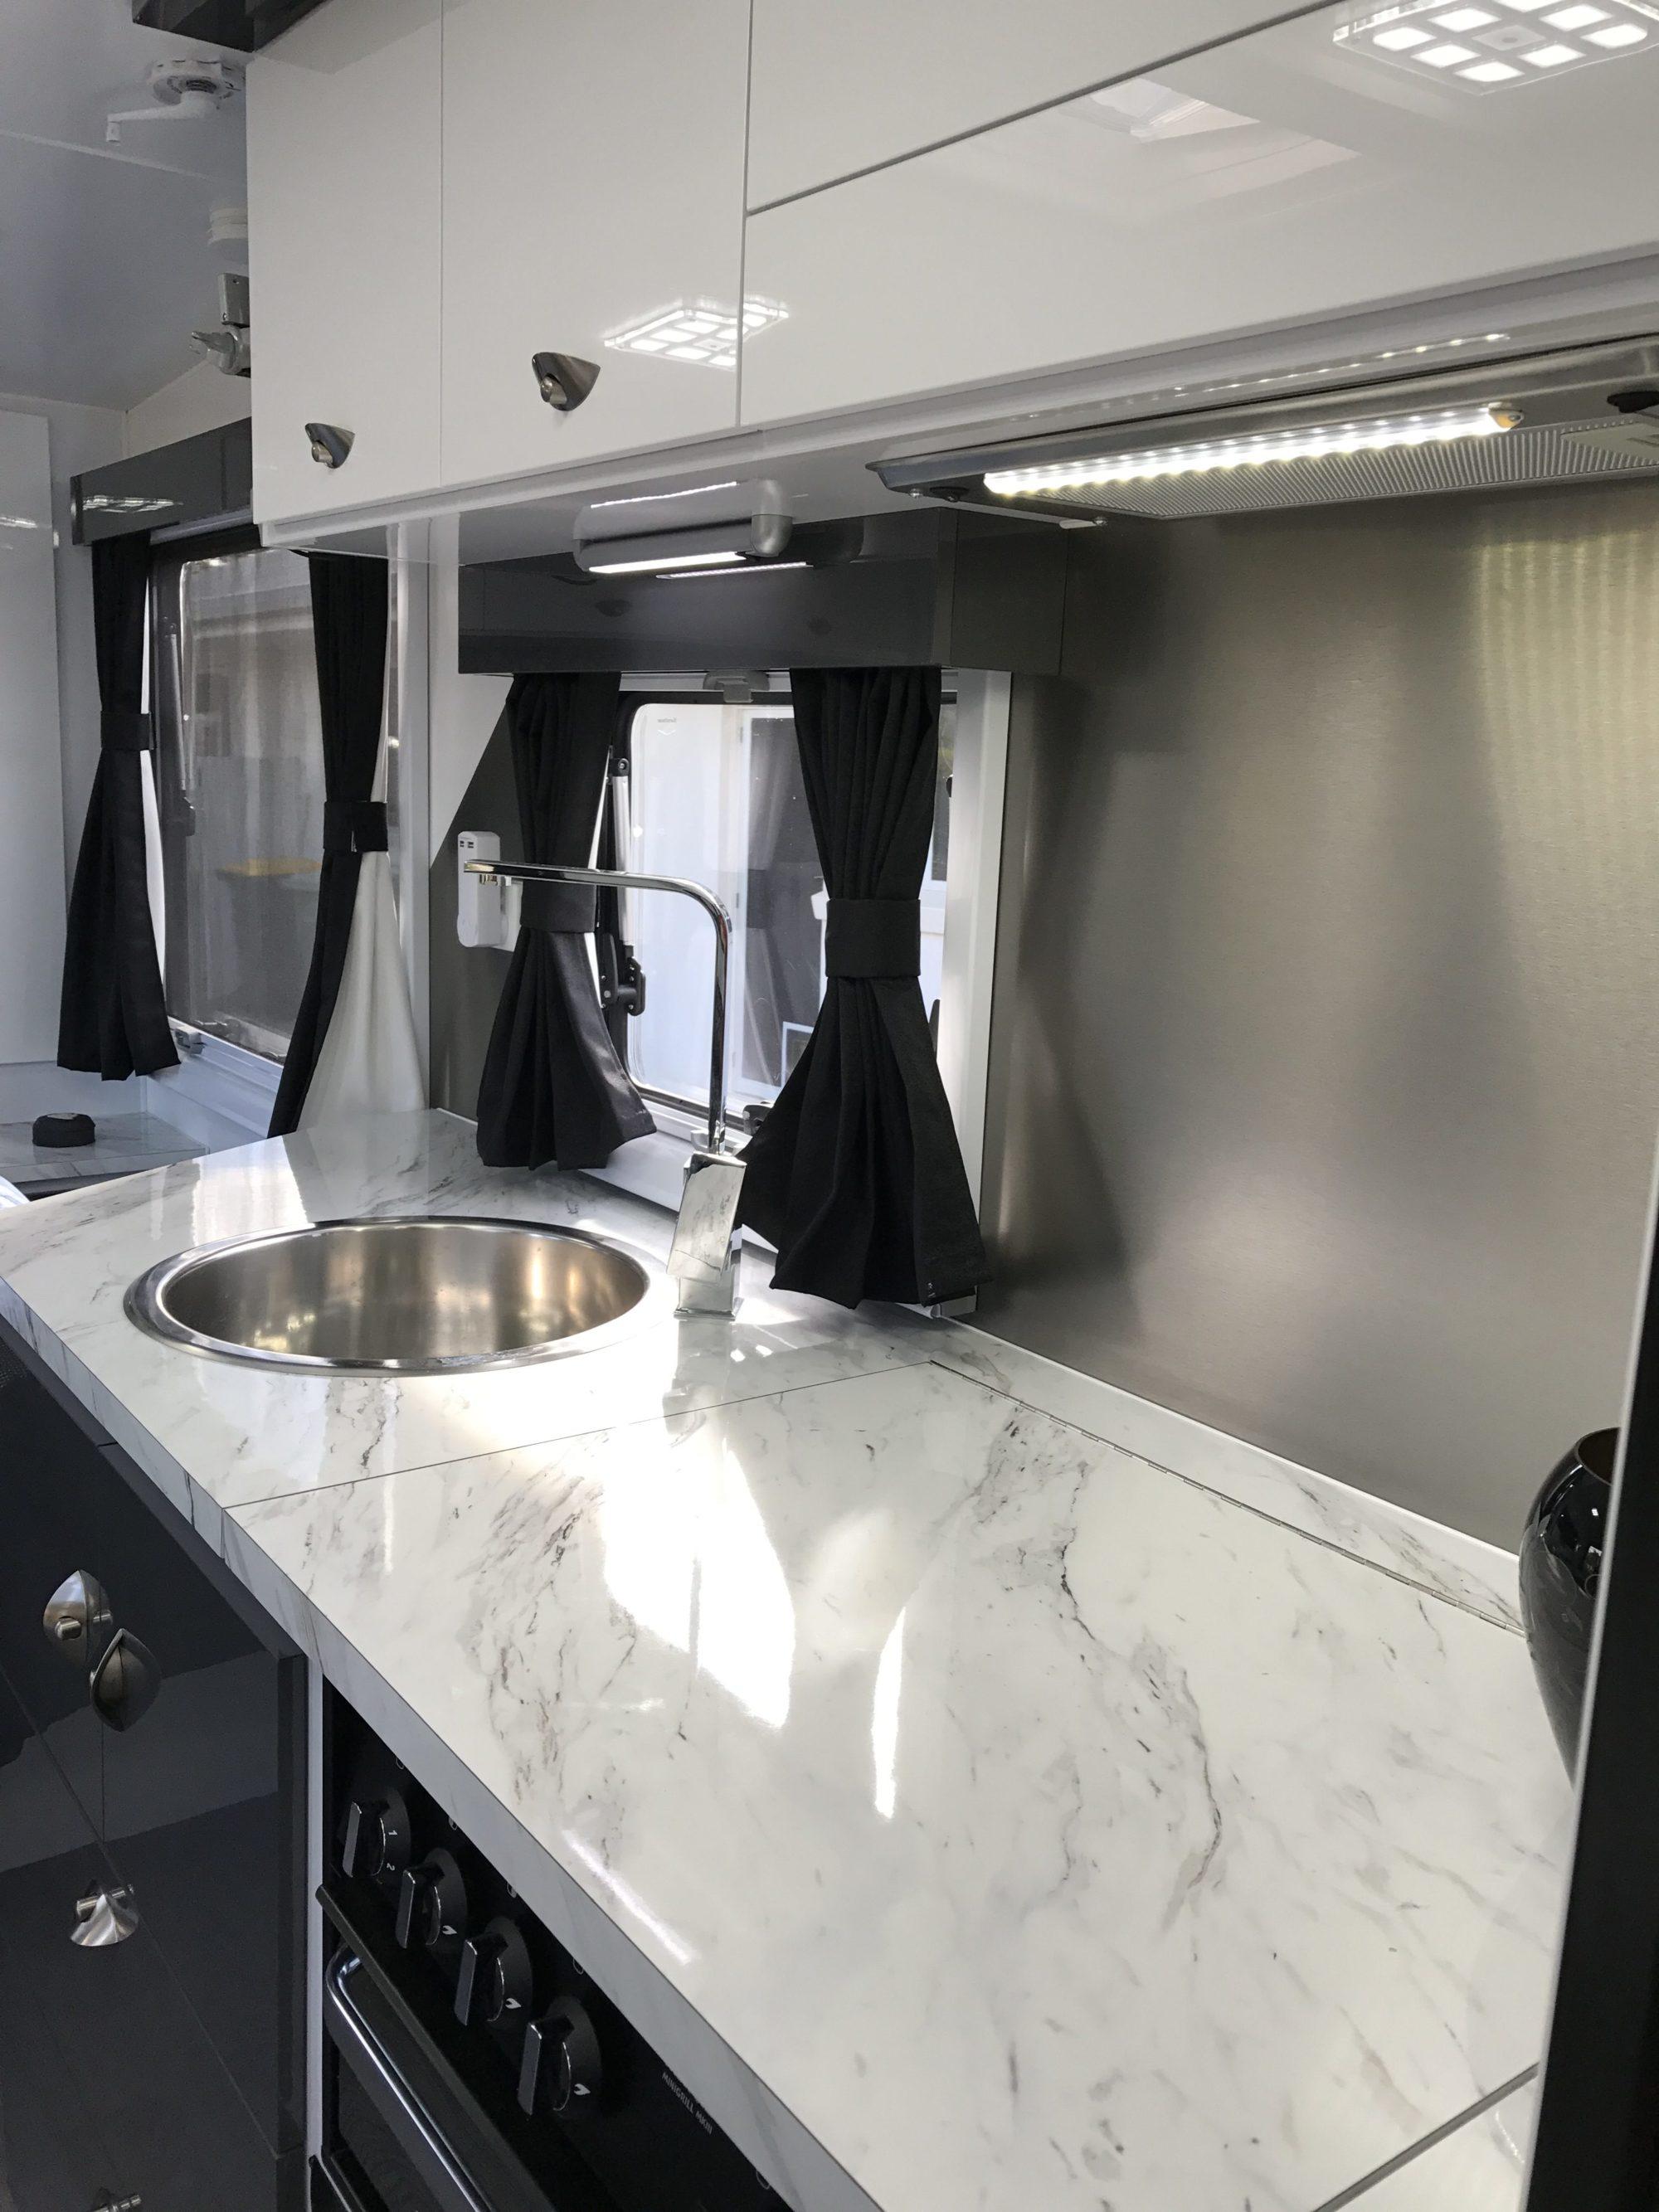 2017 4 Berth Ensuite Caravan